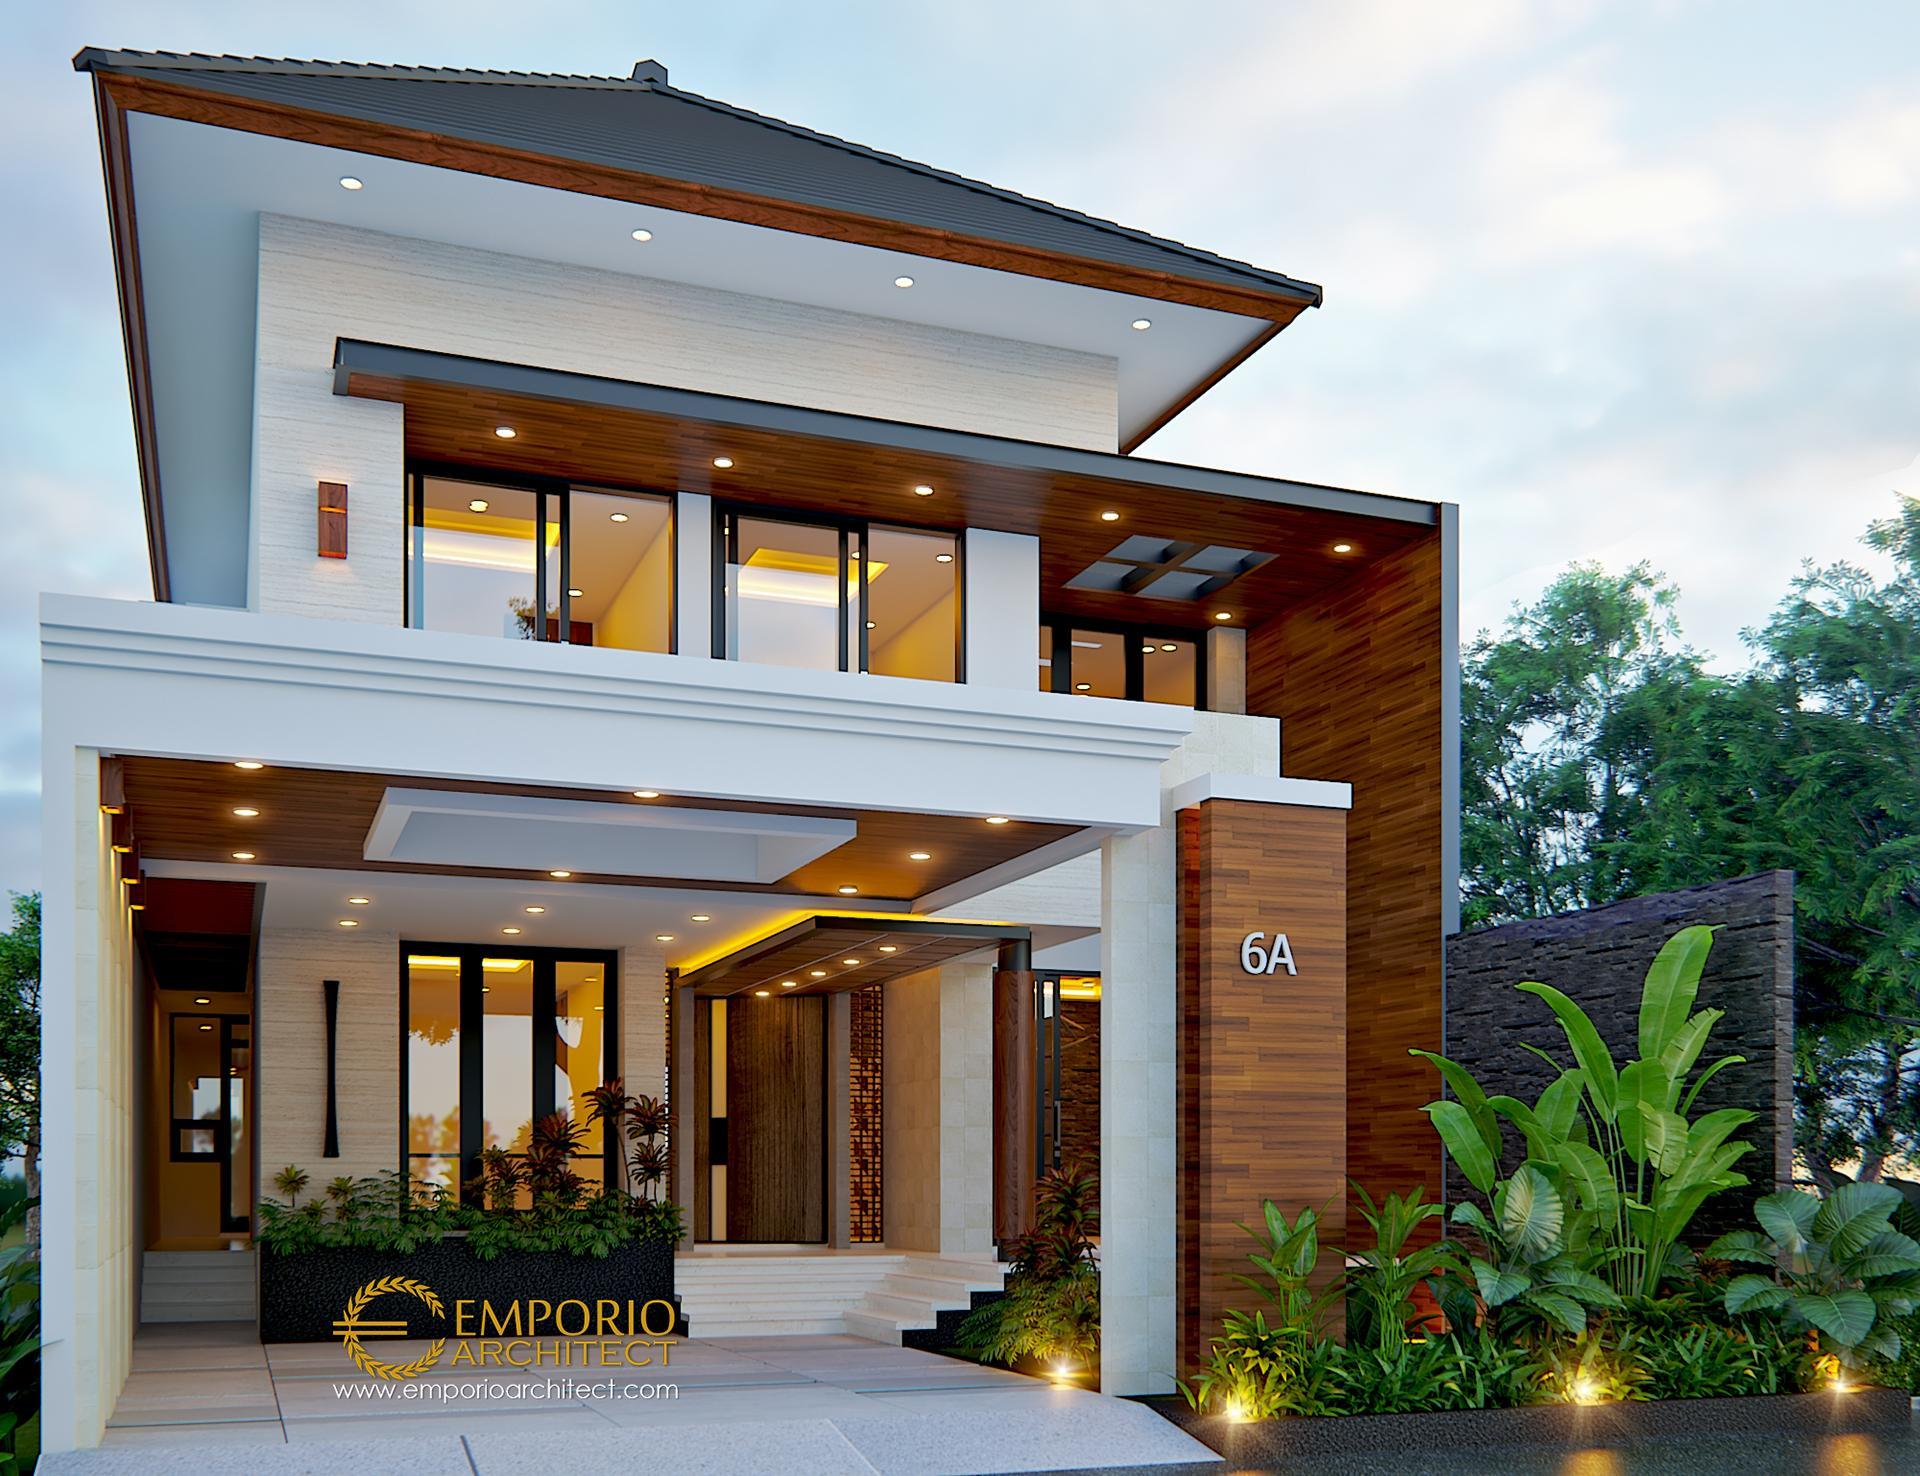 Desain Rumah Modern 2 Lantai Bapak Anton M. Purba di  Jakarta